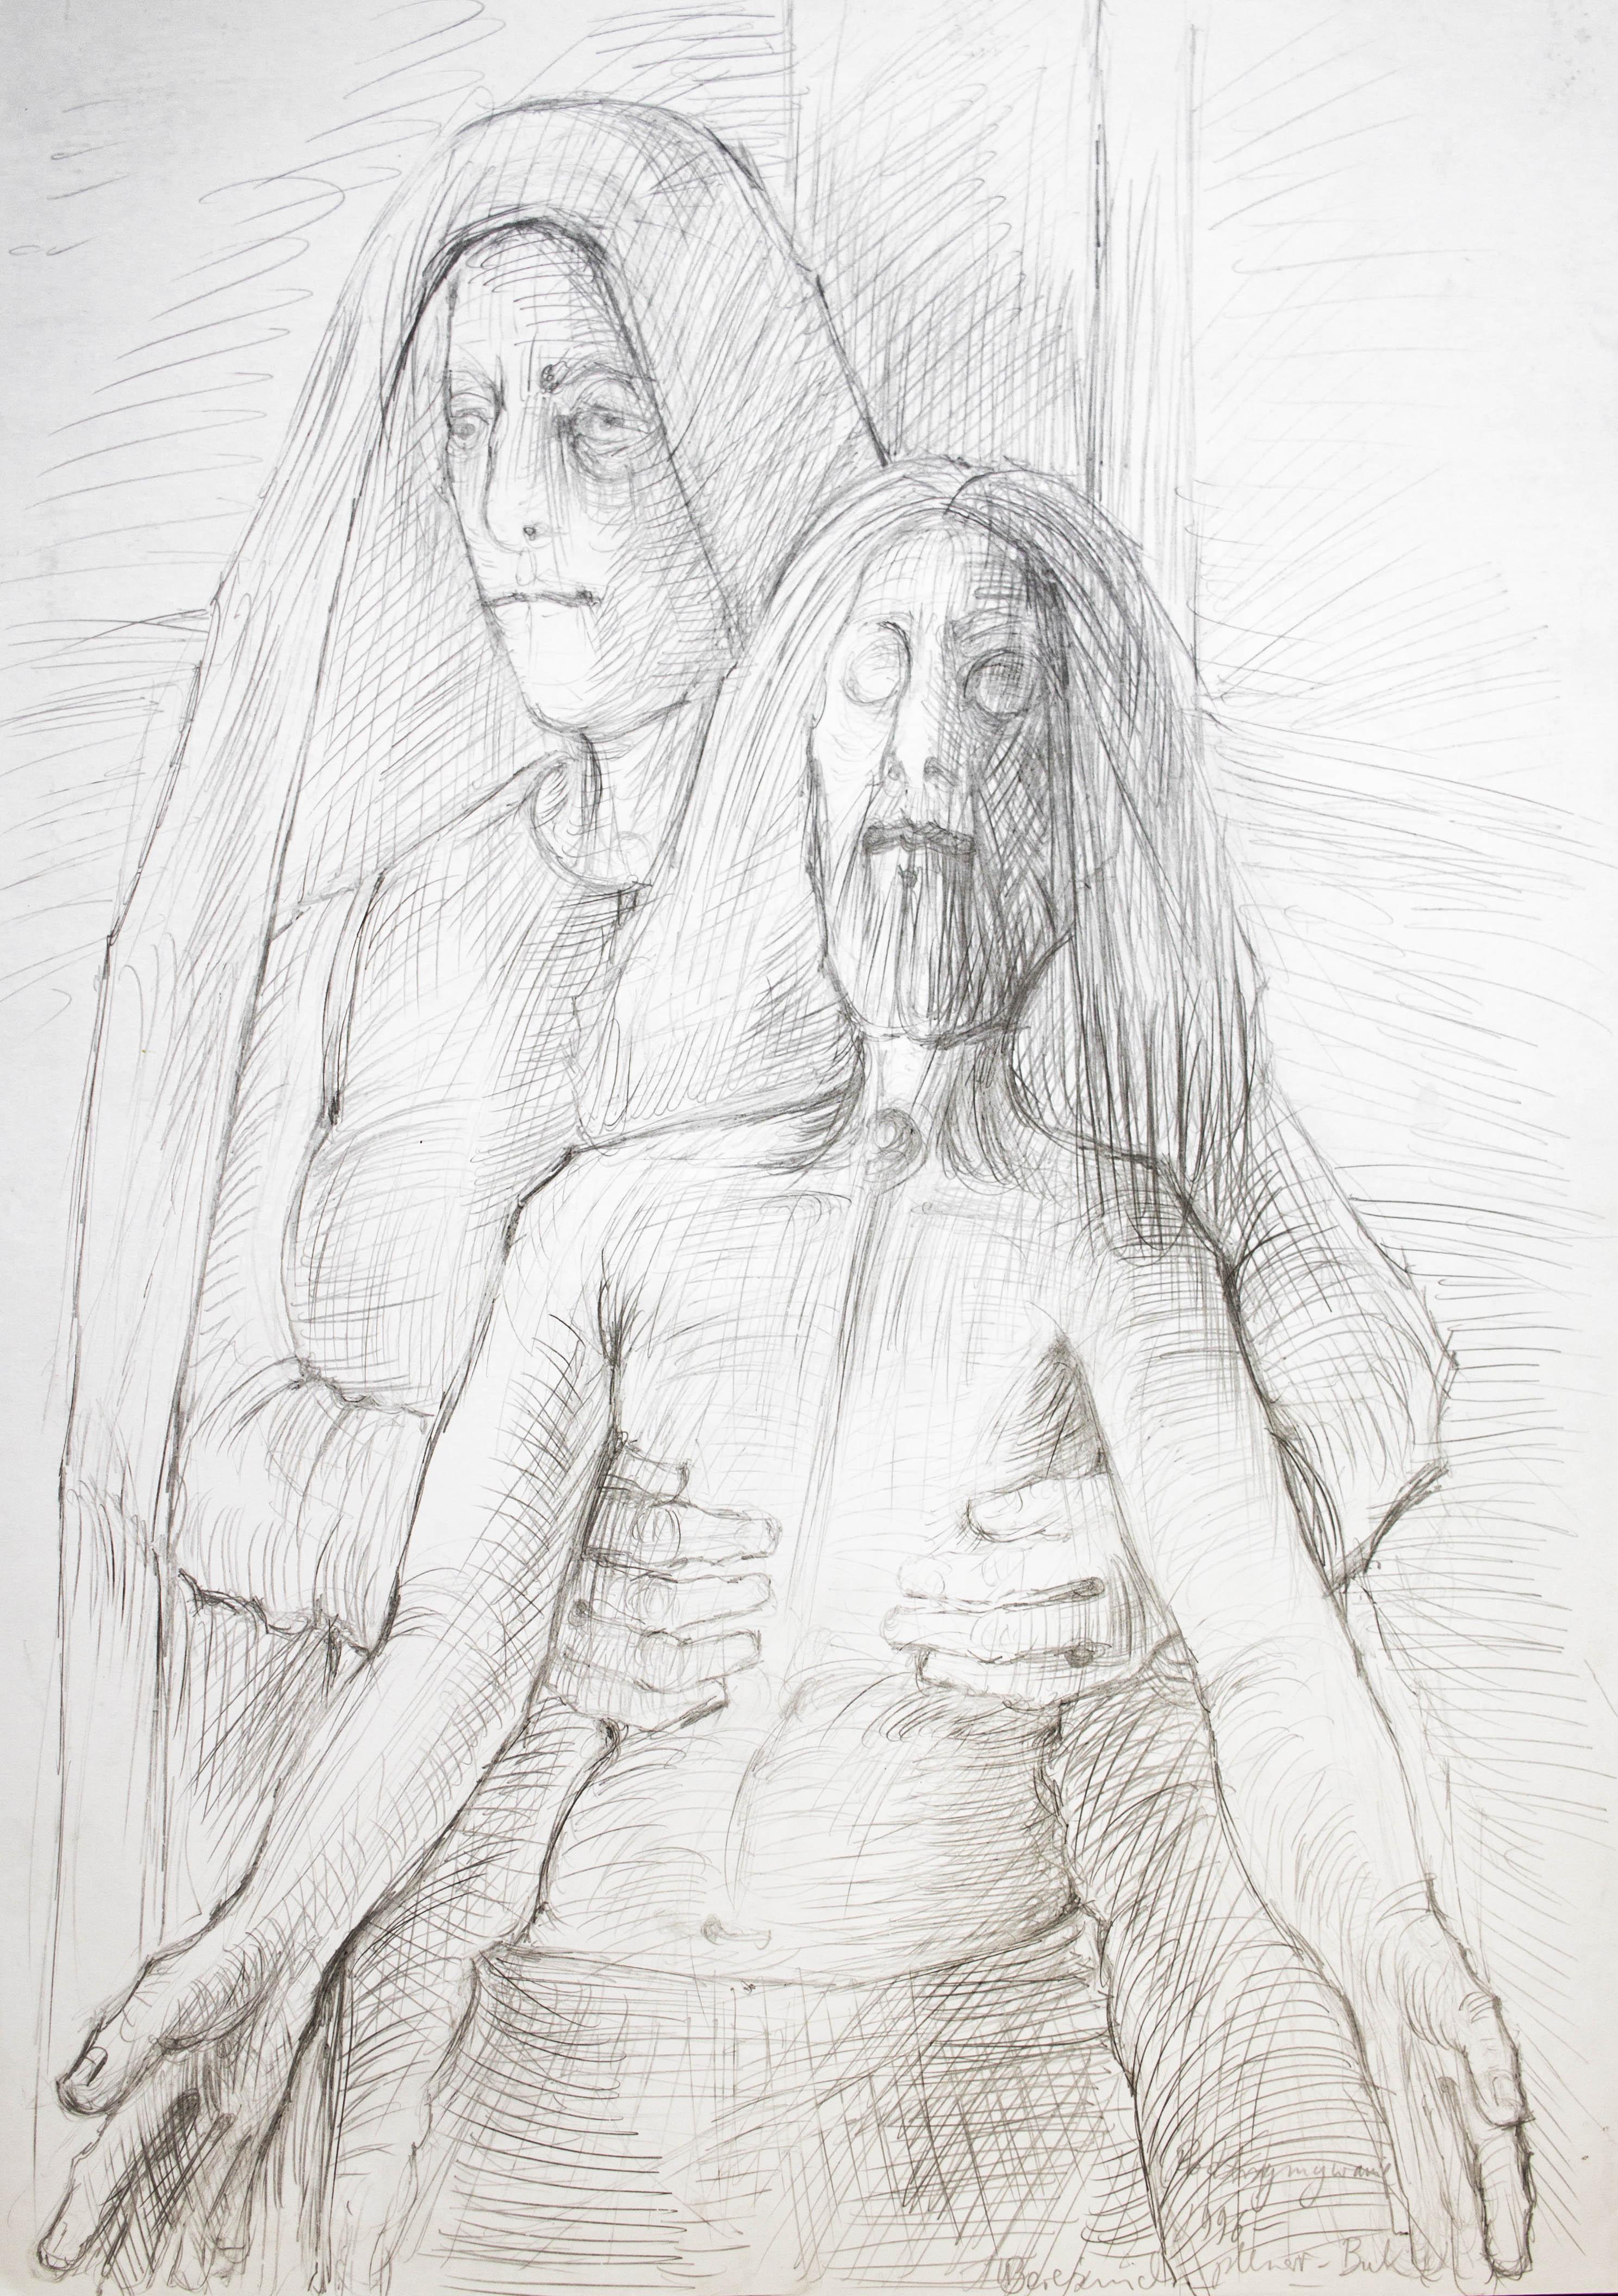 Podtrzymywanie, 1996